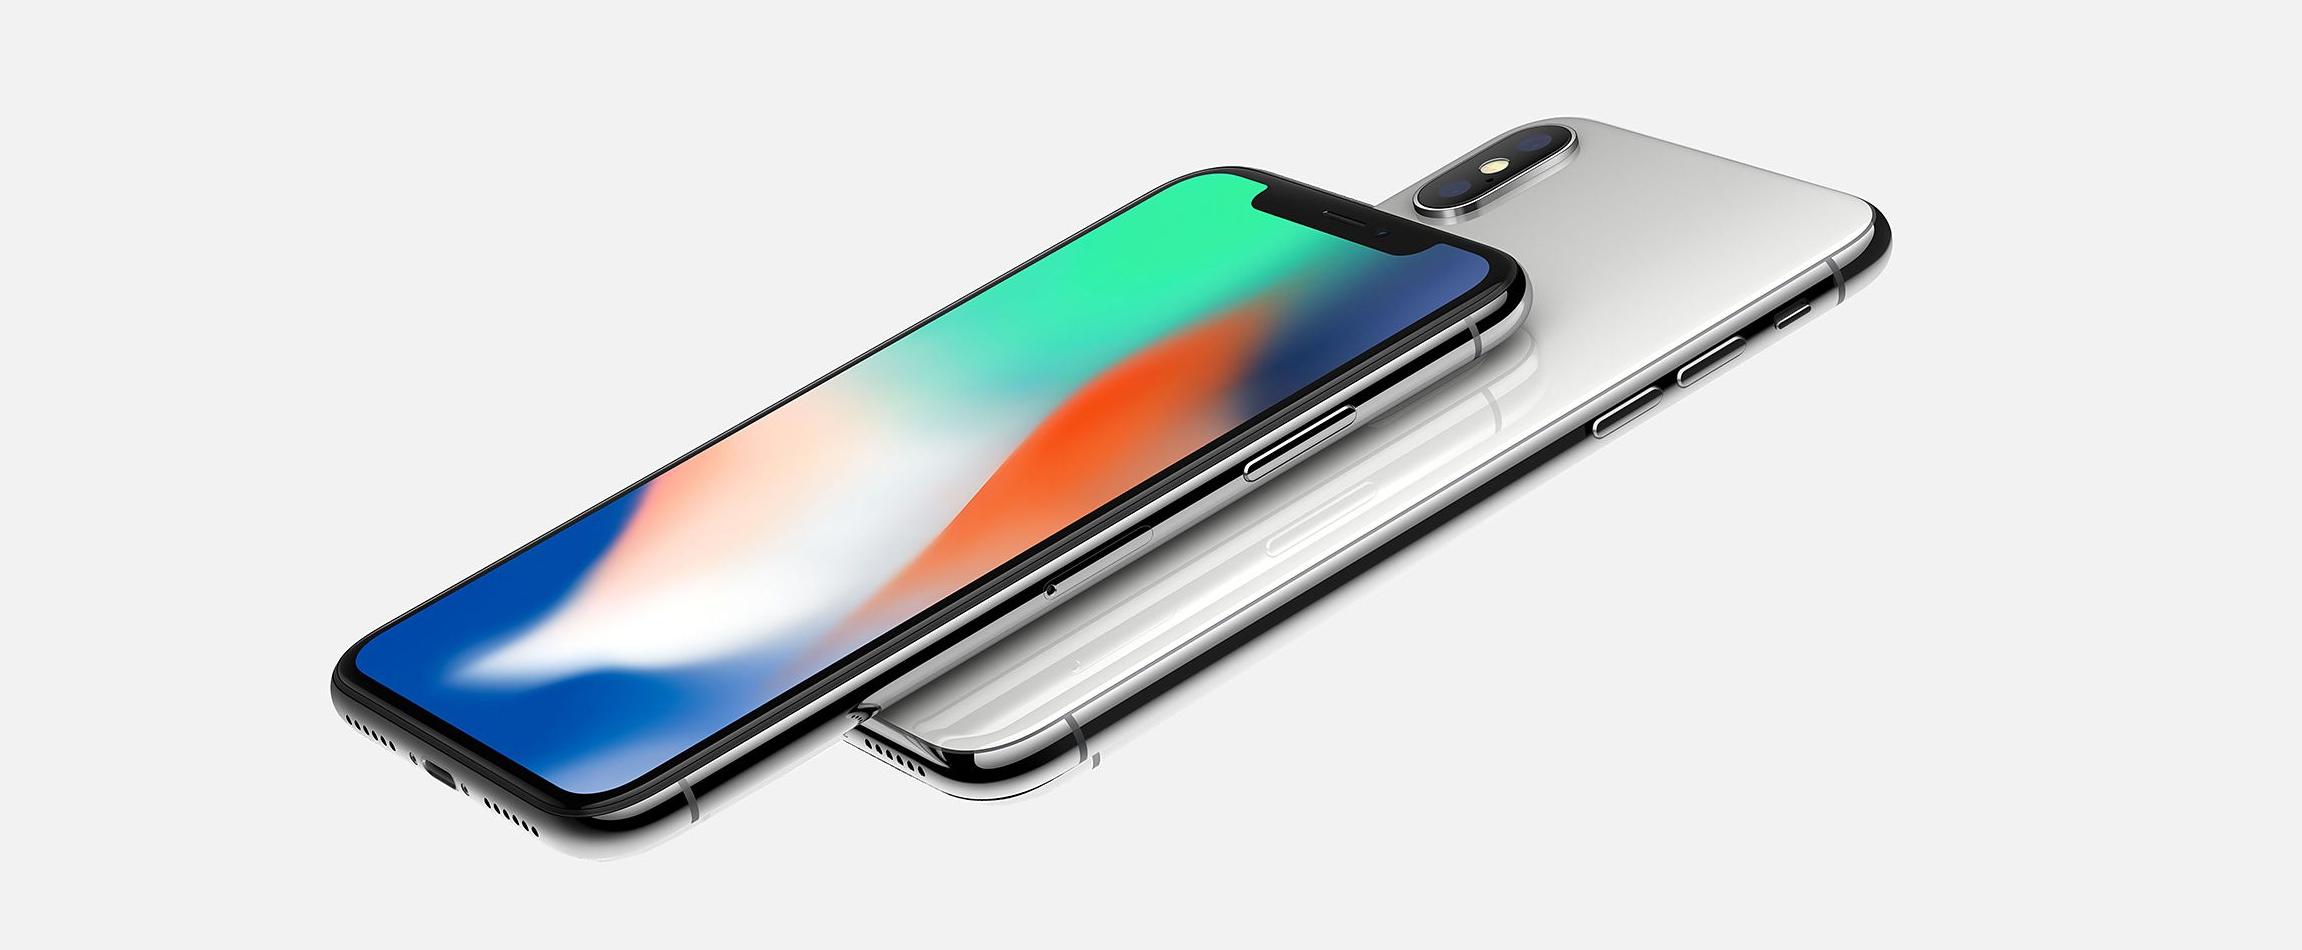 Apple's new iPhone X.